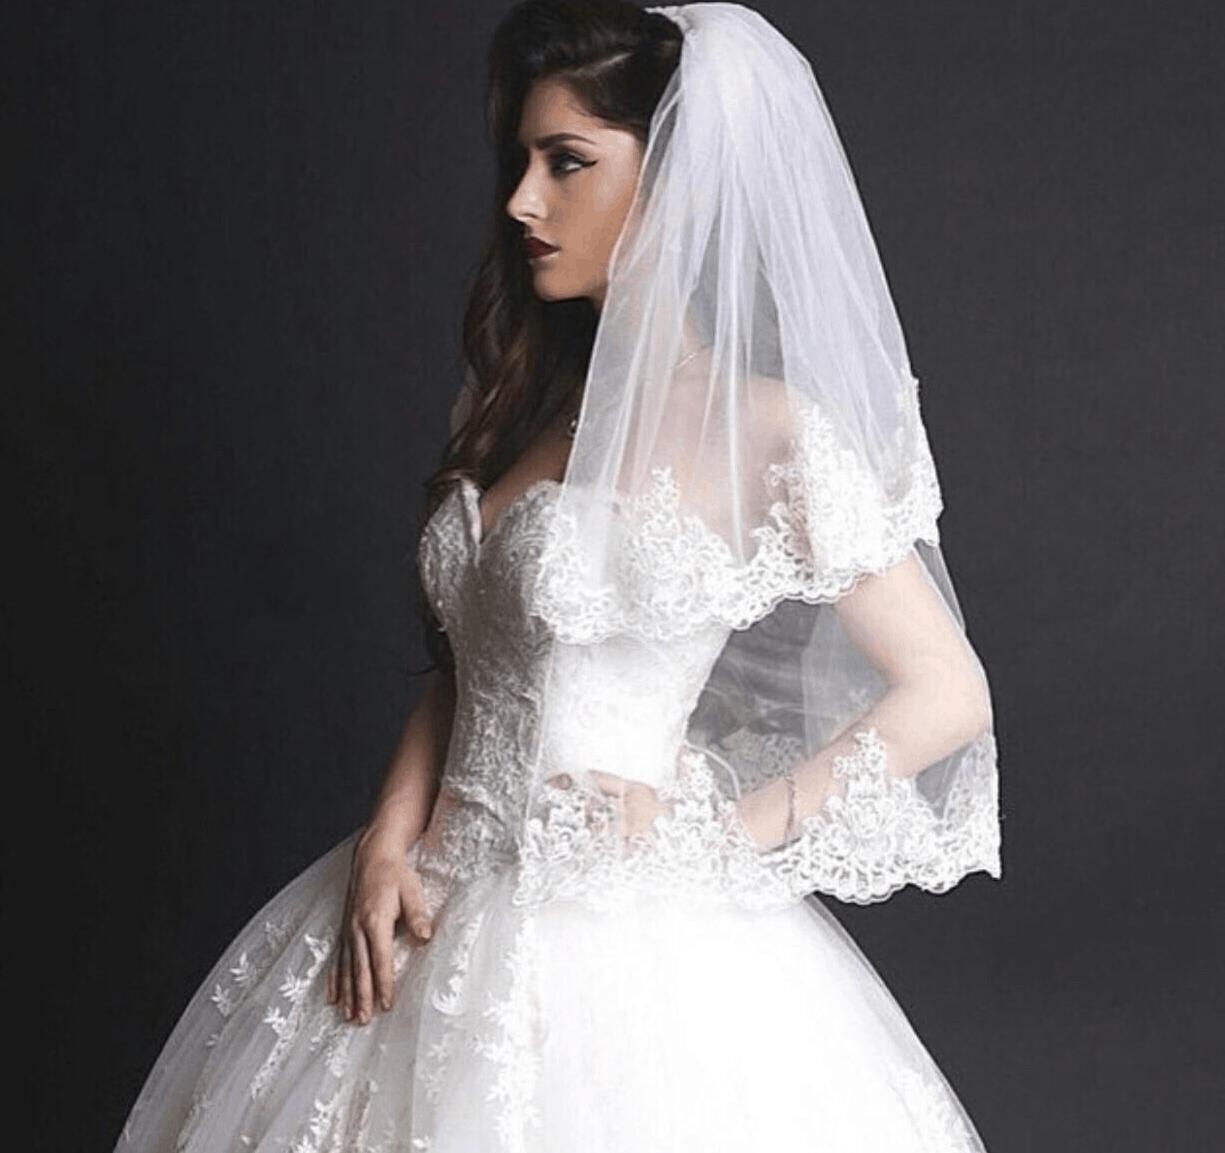 نصائح لاختيار أجمل طرحة زفاف لعروس مميزة مجلة عروس